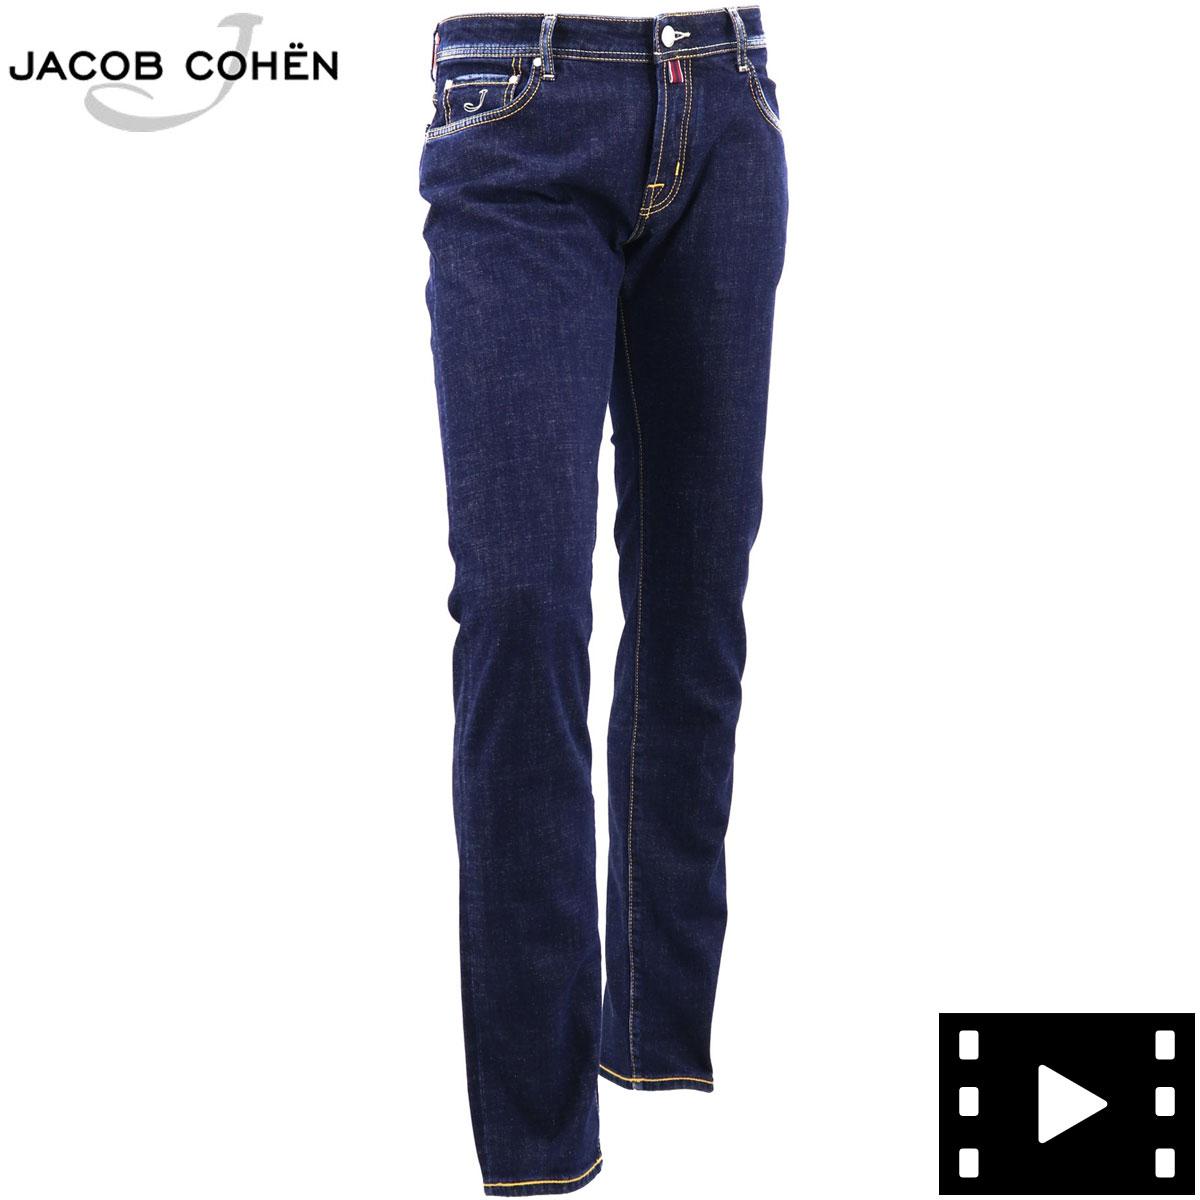 ヤコブコーエン JACOB COHEN メンズ ストレッチ 5ポケット タイトフィット ストレートデニム J622 JCB COMF 1190-W1 001(ネイビー) 春夏新作